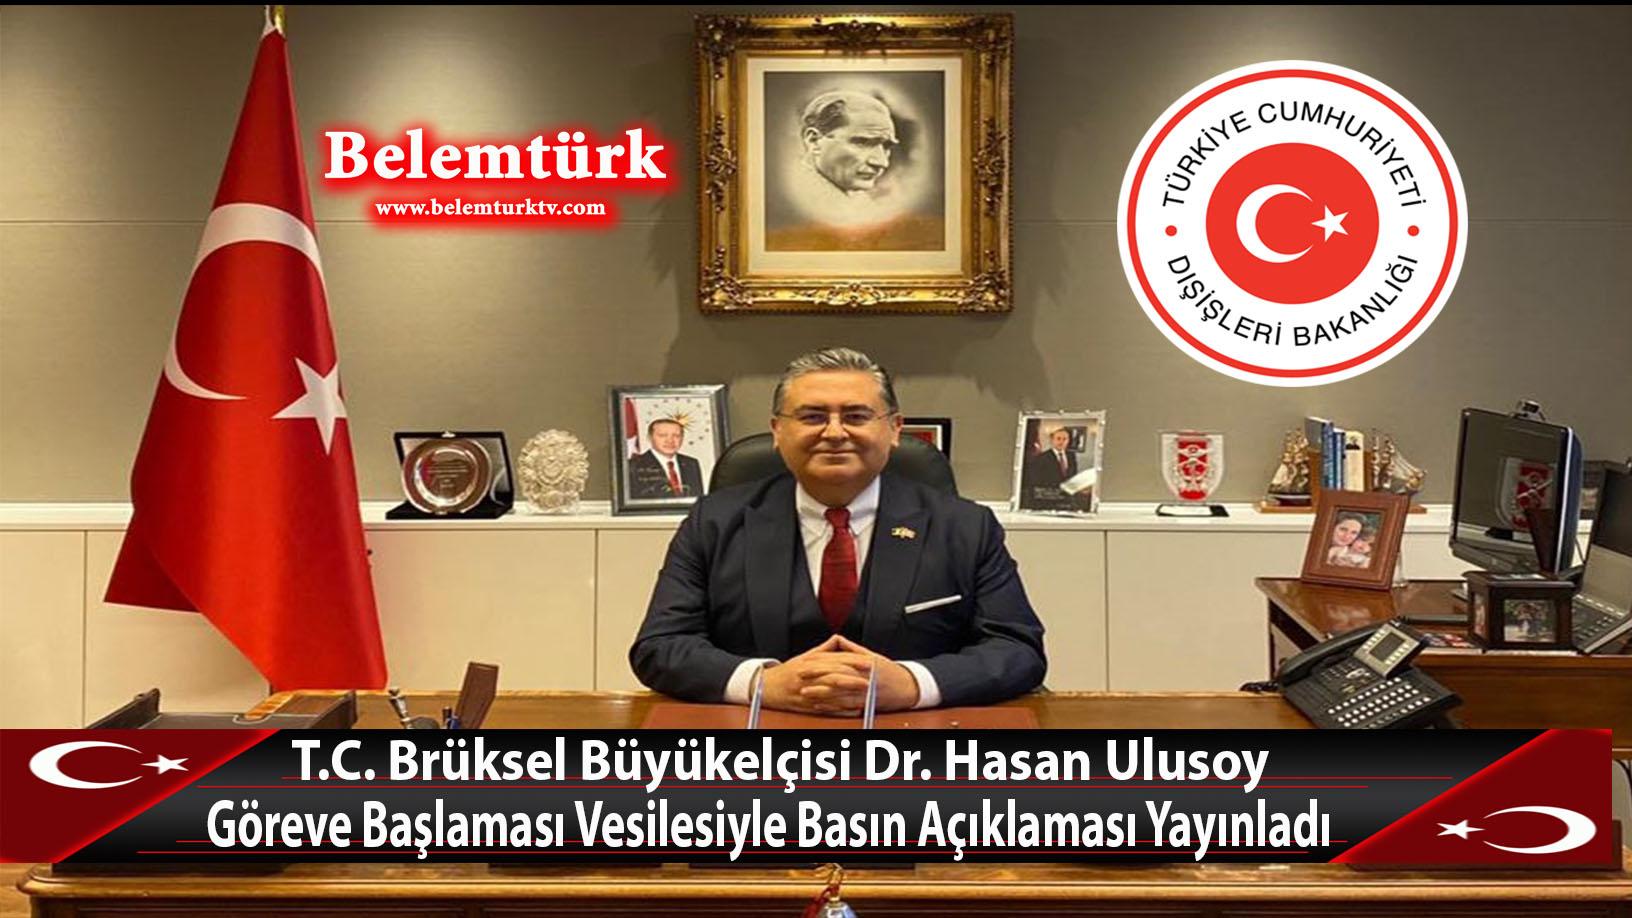 T.C. Brüksel Büyükelçisi Dr. Hasan Ulusoy Göreve Başladı